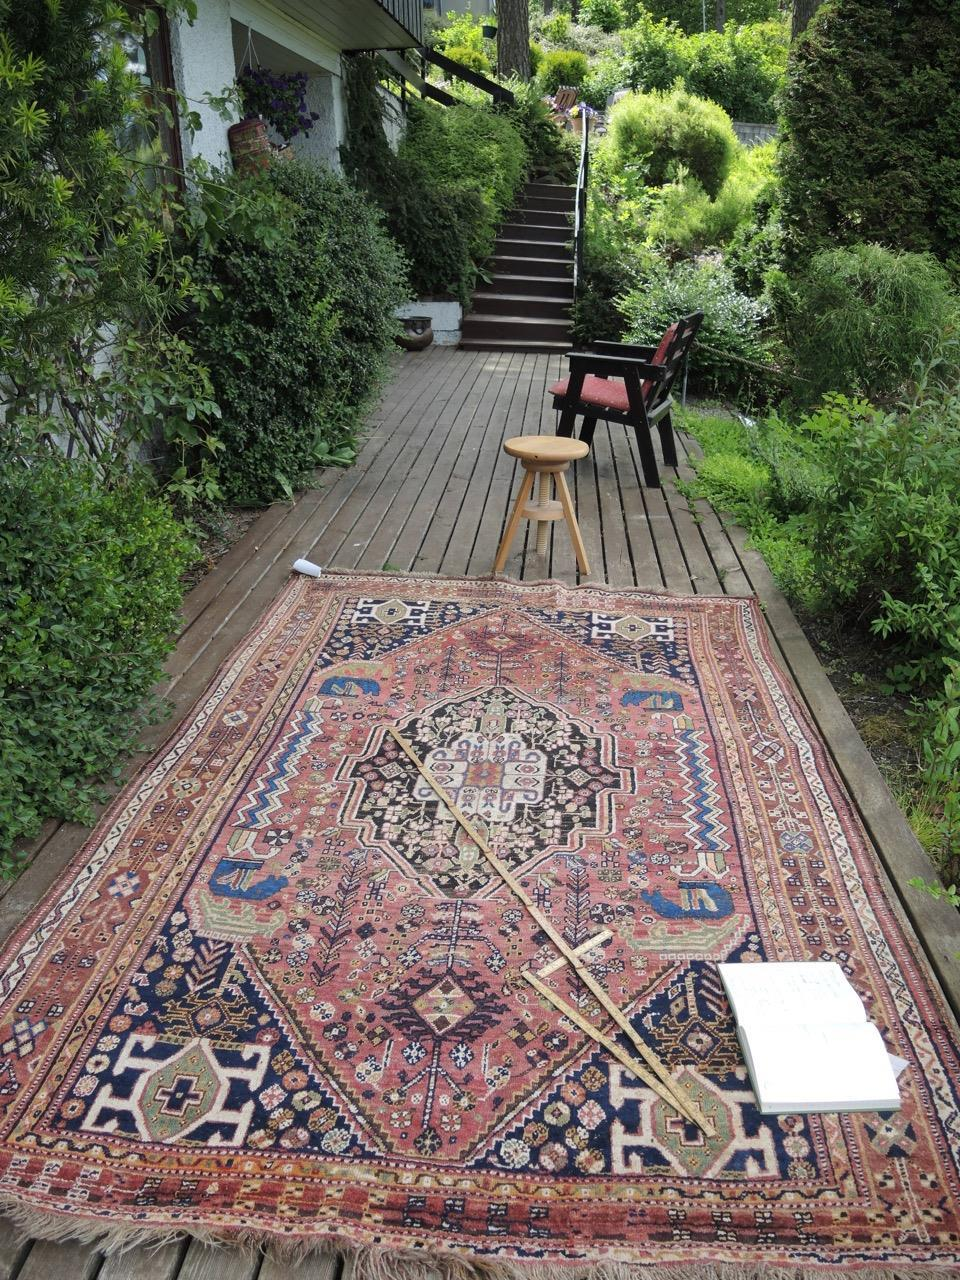 Taksering av orientalske tepper hjemme hos en kunde